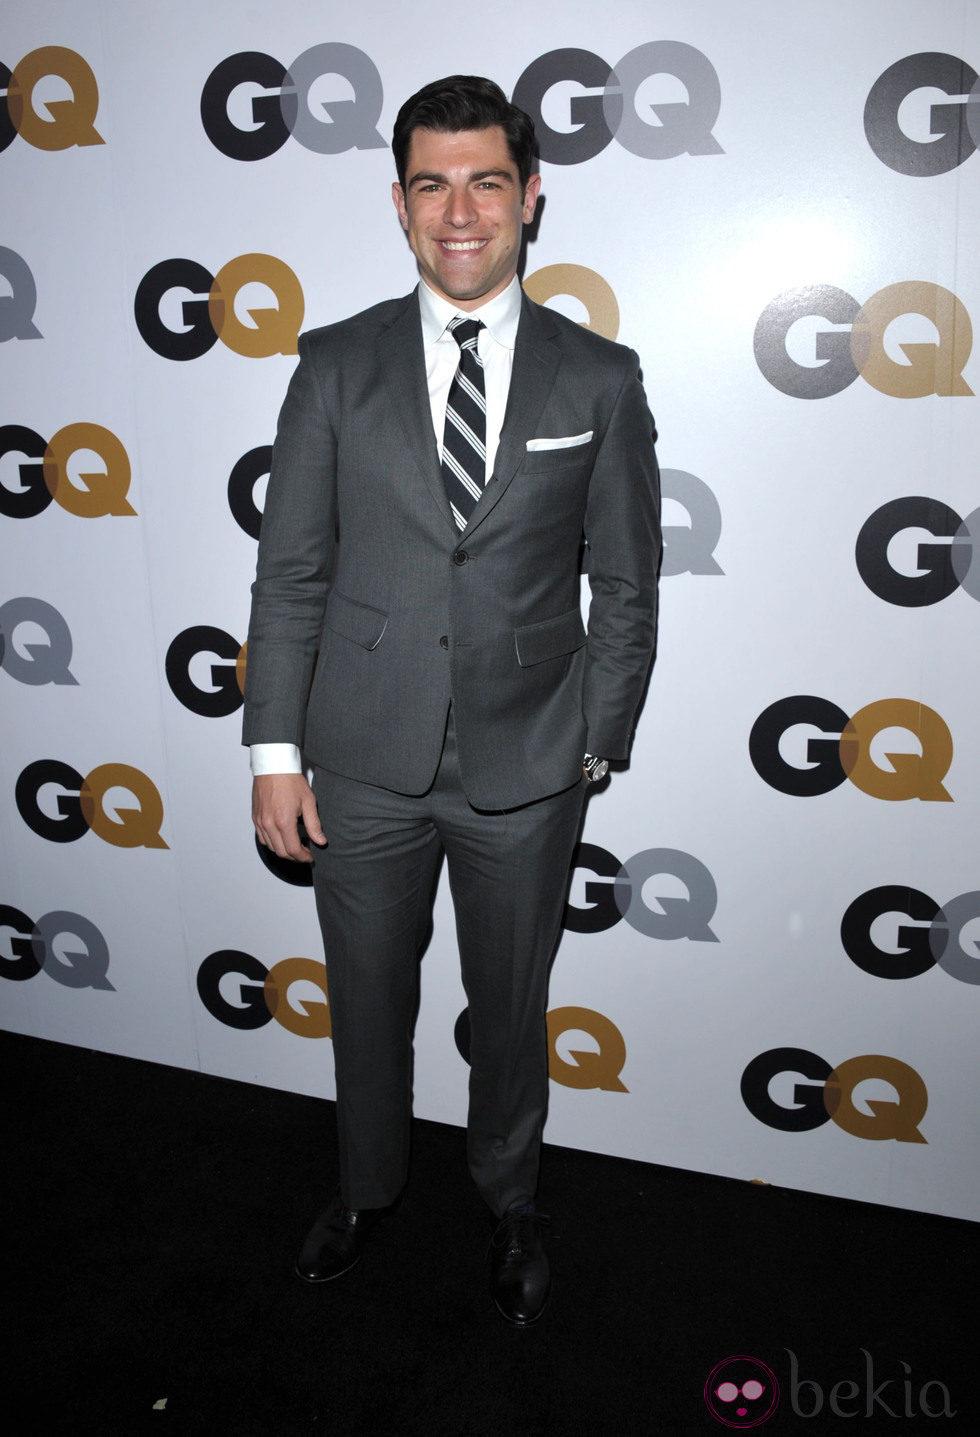 Max Greenfield en la fiesta GQ Hombres del Año en Los Angeles